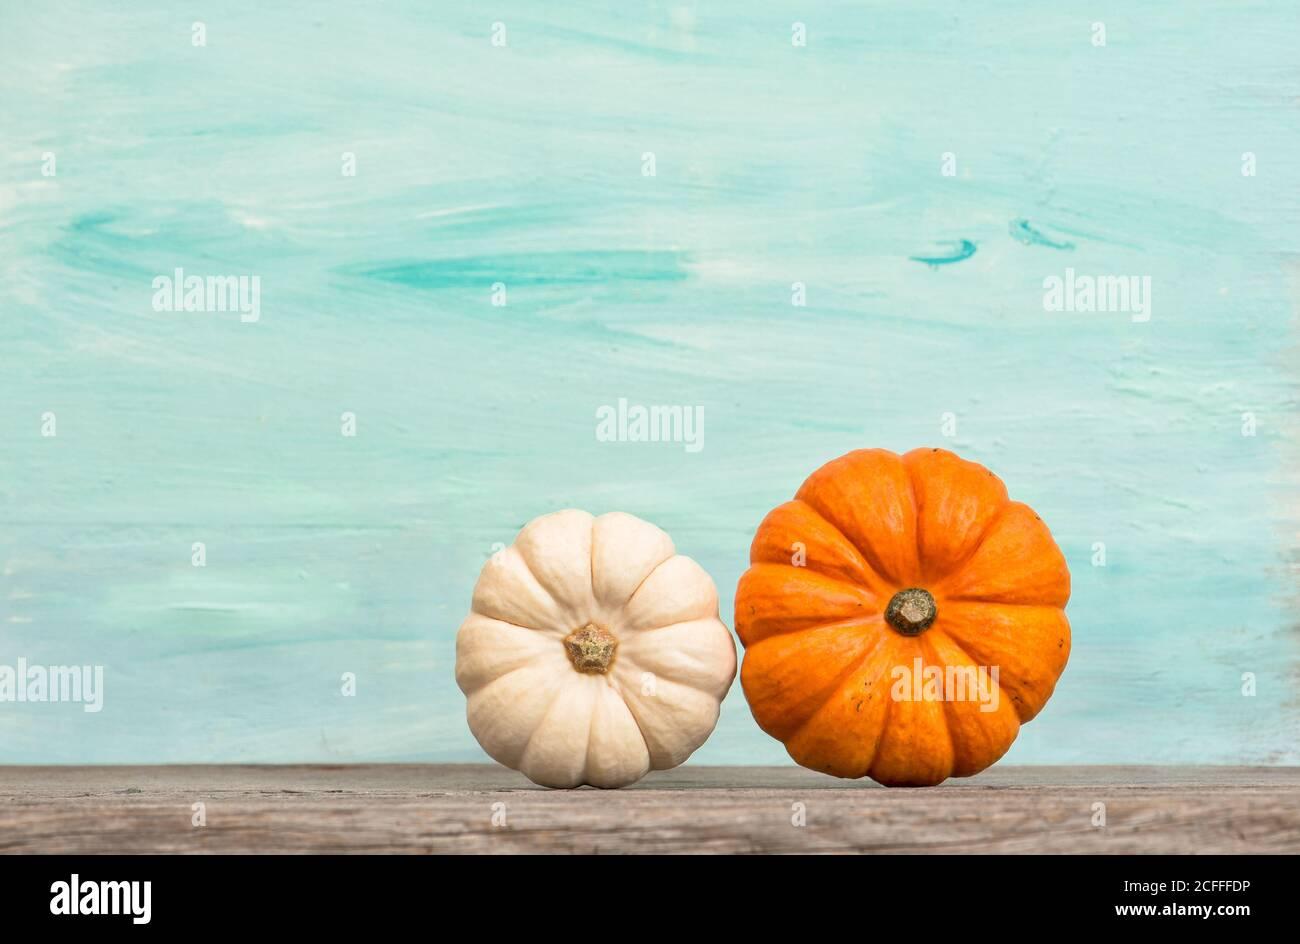 Thanksgiving. Automne. Halloween. Décoration citrouille sur fond bleu turquoise Banque D'Images